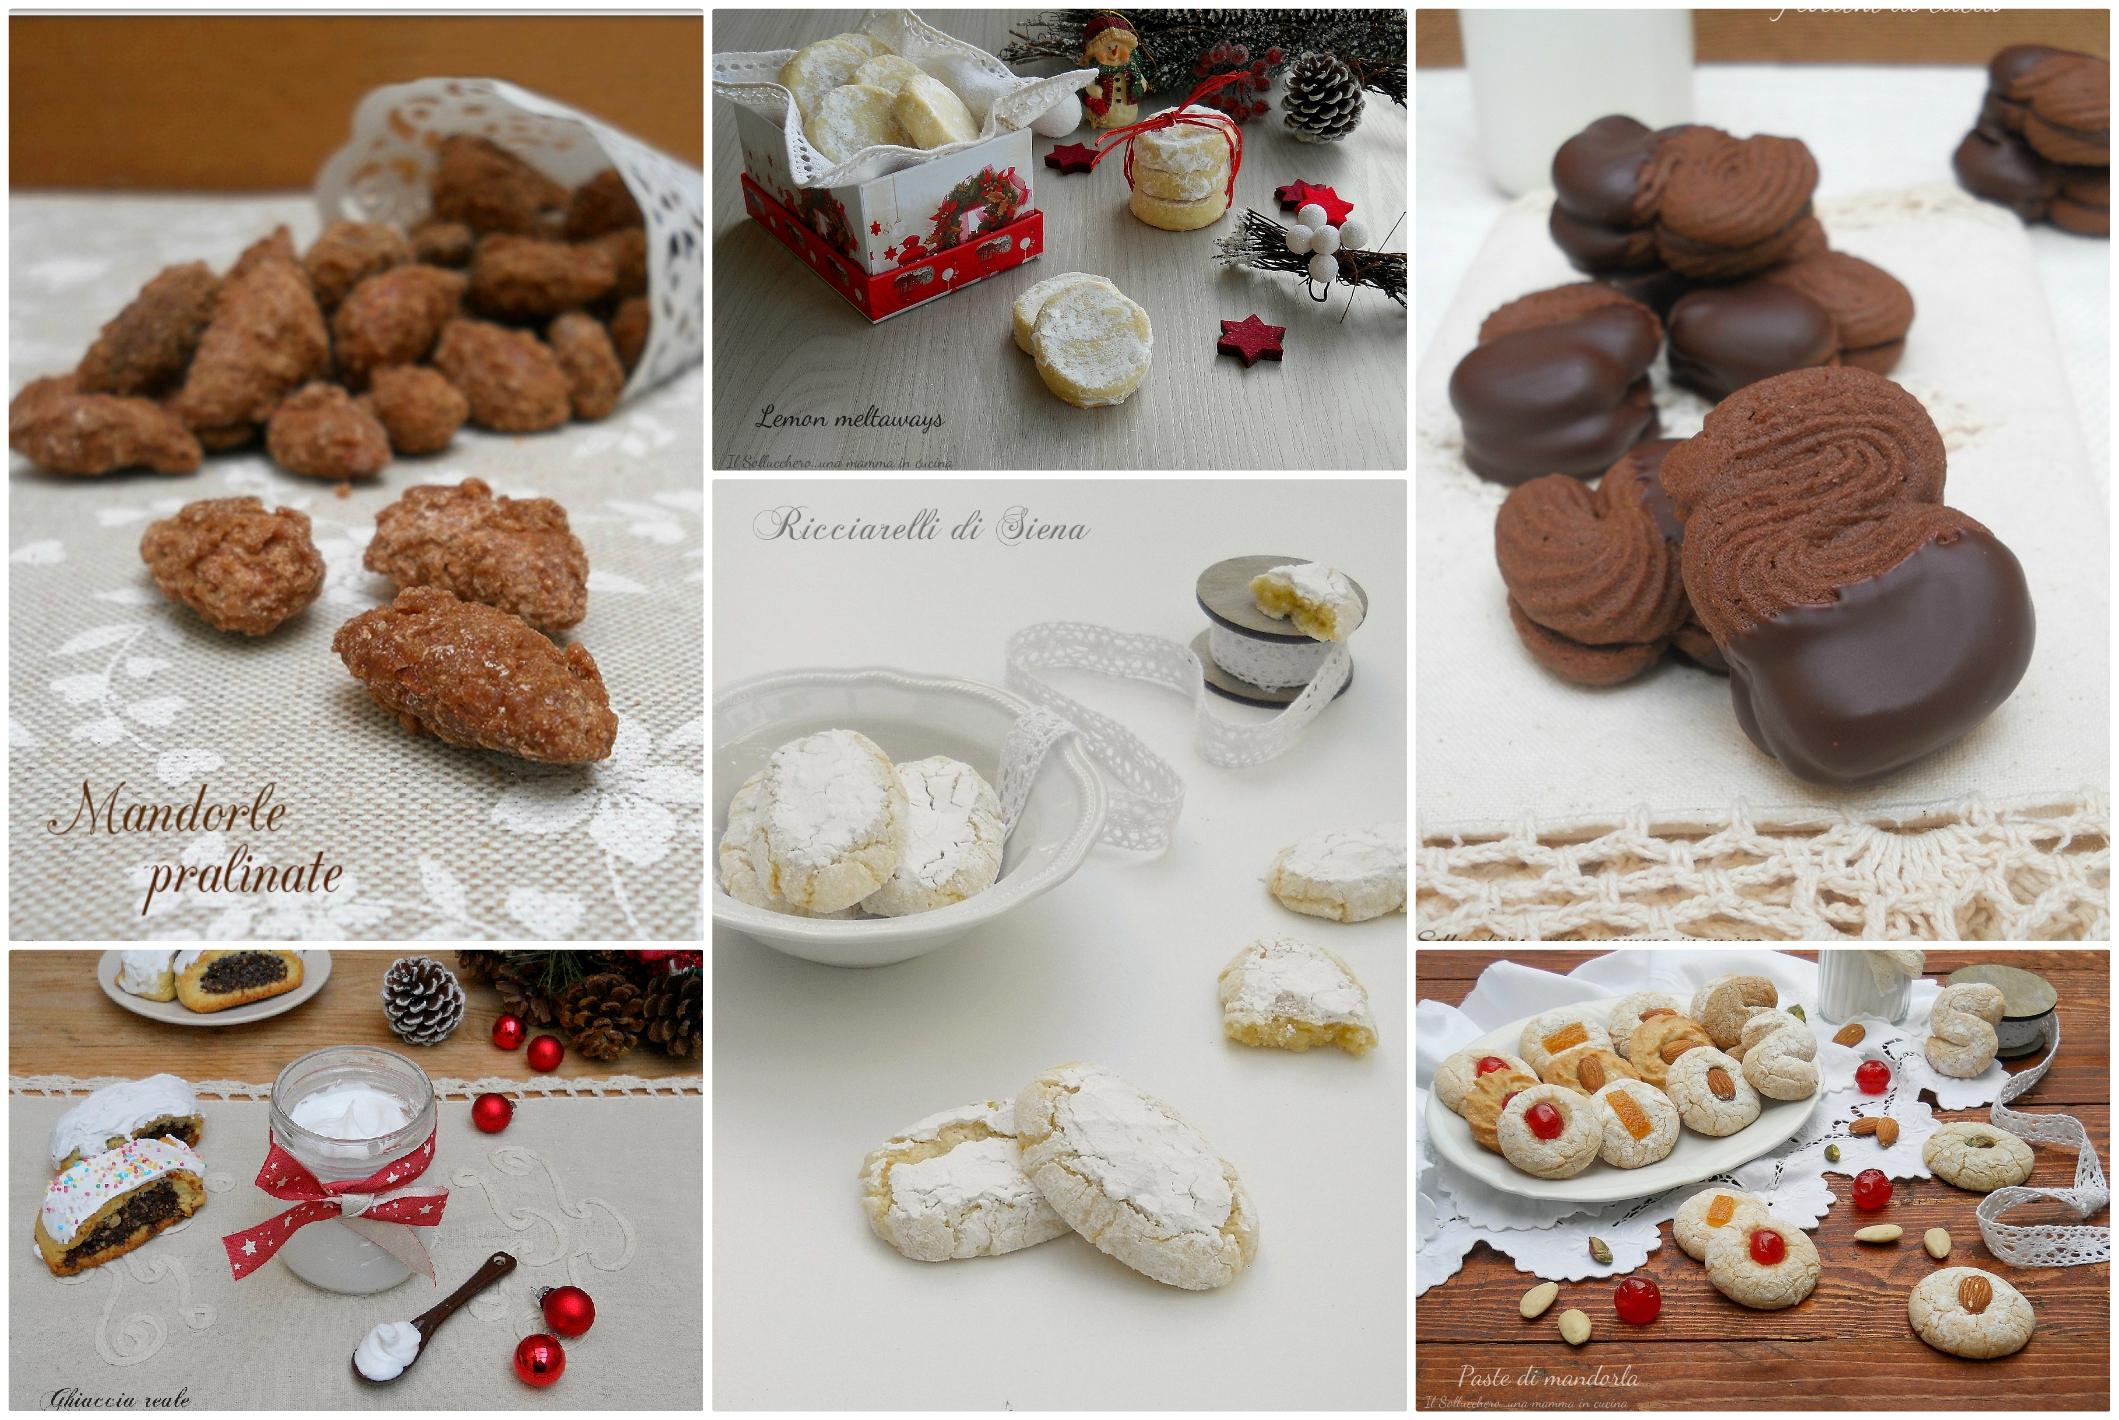 Regalare Biscotti Di Natale.Biscotti Da Regalare A Natale Tante Idee Per Arricchire Le Vostre Ceste Natalizie